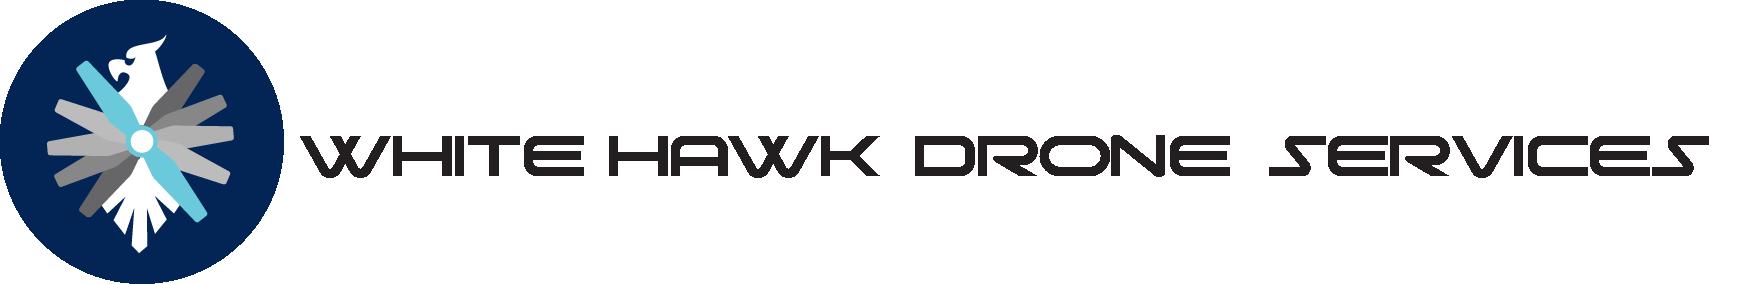 Whitehawk Drones